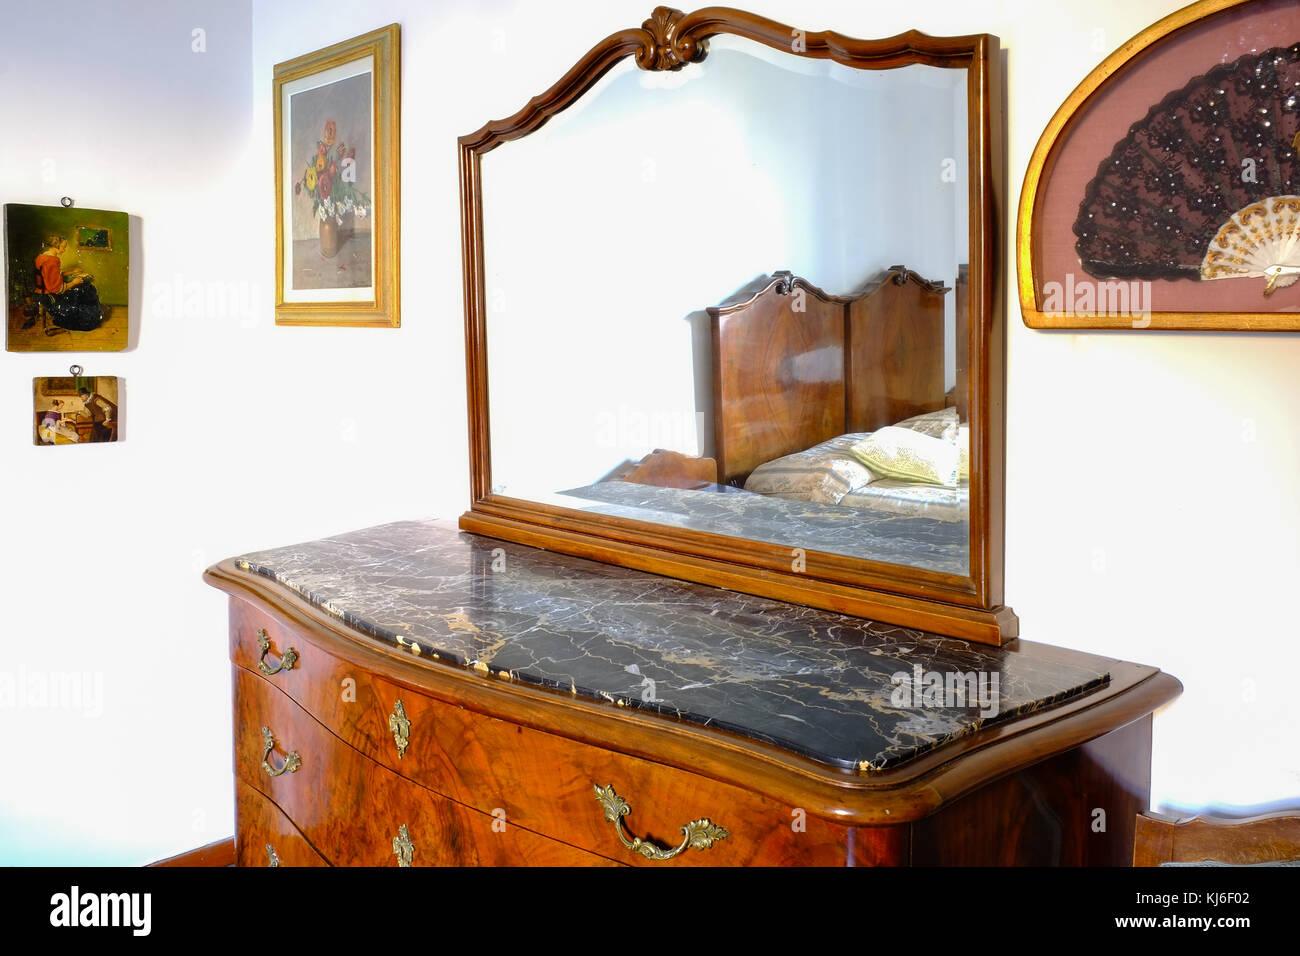 Credenza Con Espejo : Dormitorio credenza con espejo de lujo encima una superficie